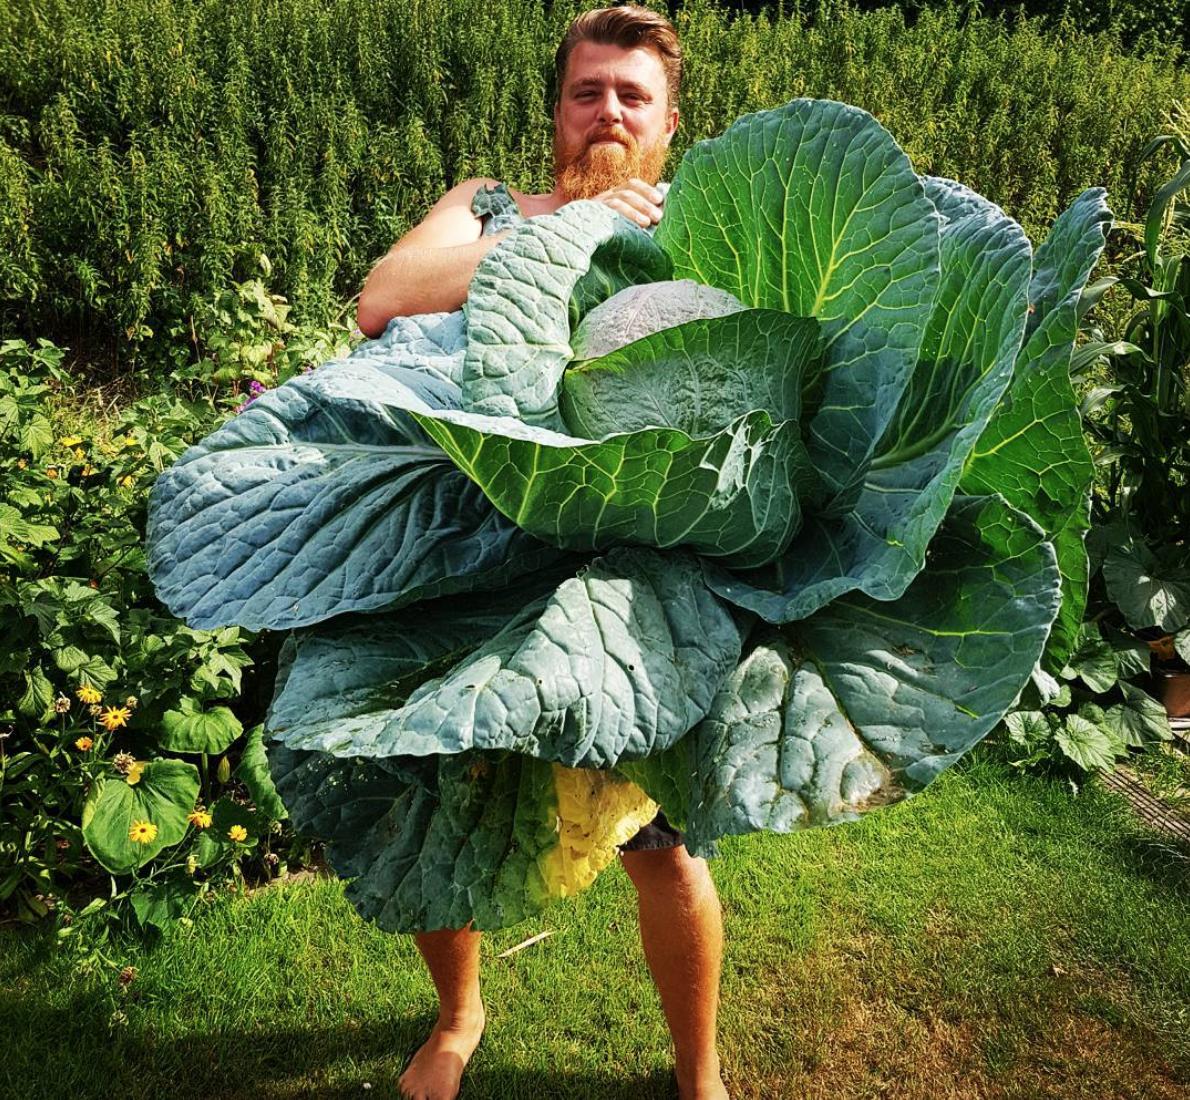 15 loại rau củ khó nuốt nhất thế giới, tận mắt chứng kiến mới thấy bất ngờ - Ảnh 17.